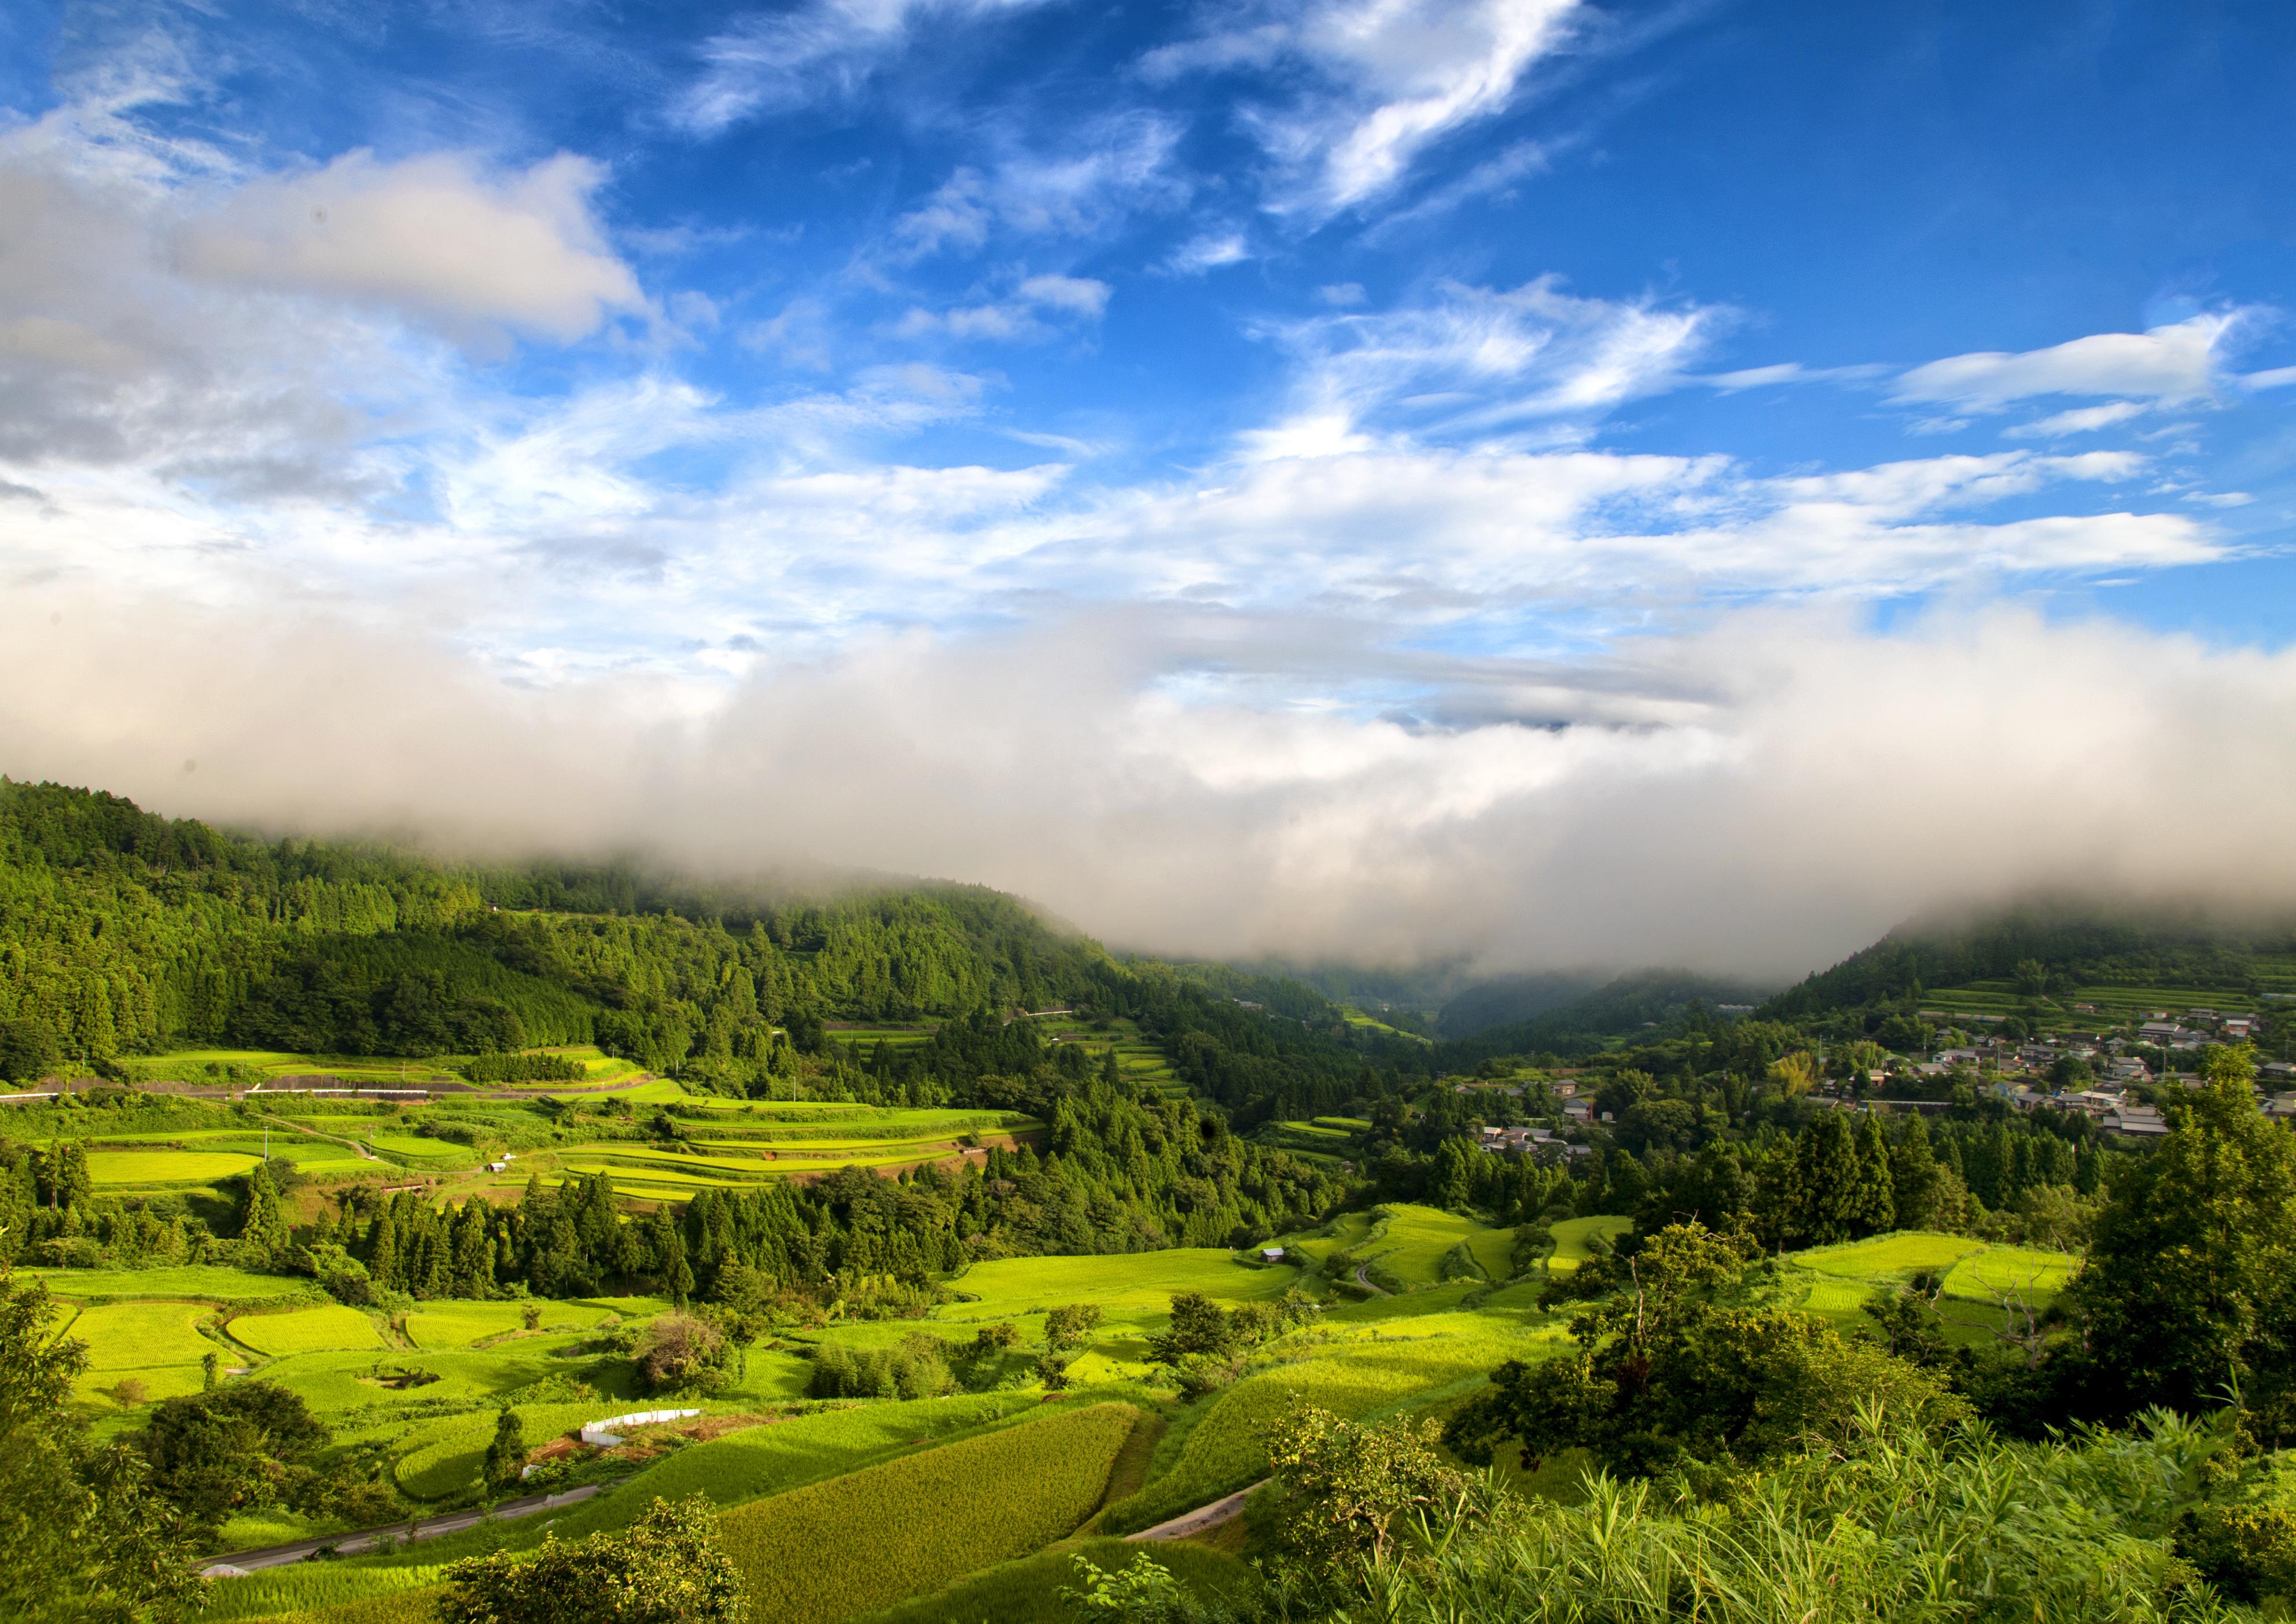 高知県嶺北地域にモンベル監修の大型アウトドア施設「モンベル アウトドアヴィレッジ本山」がオープン